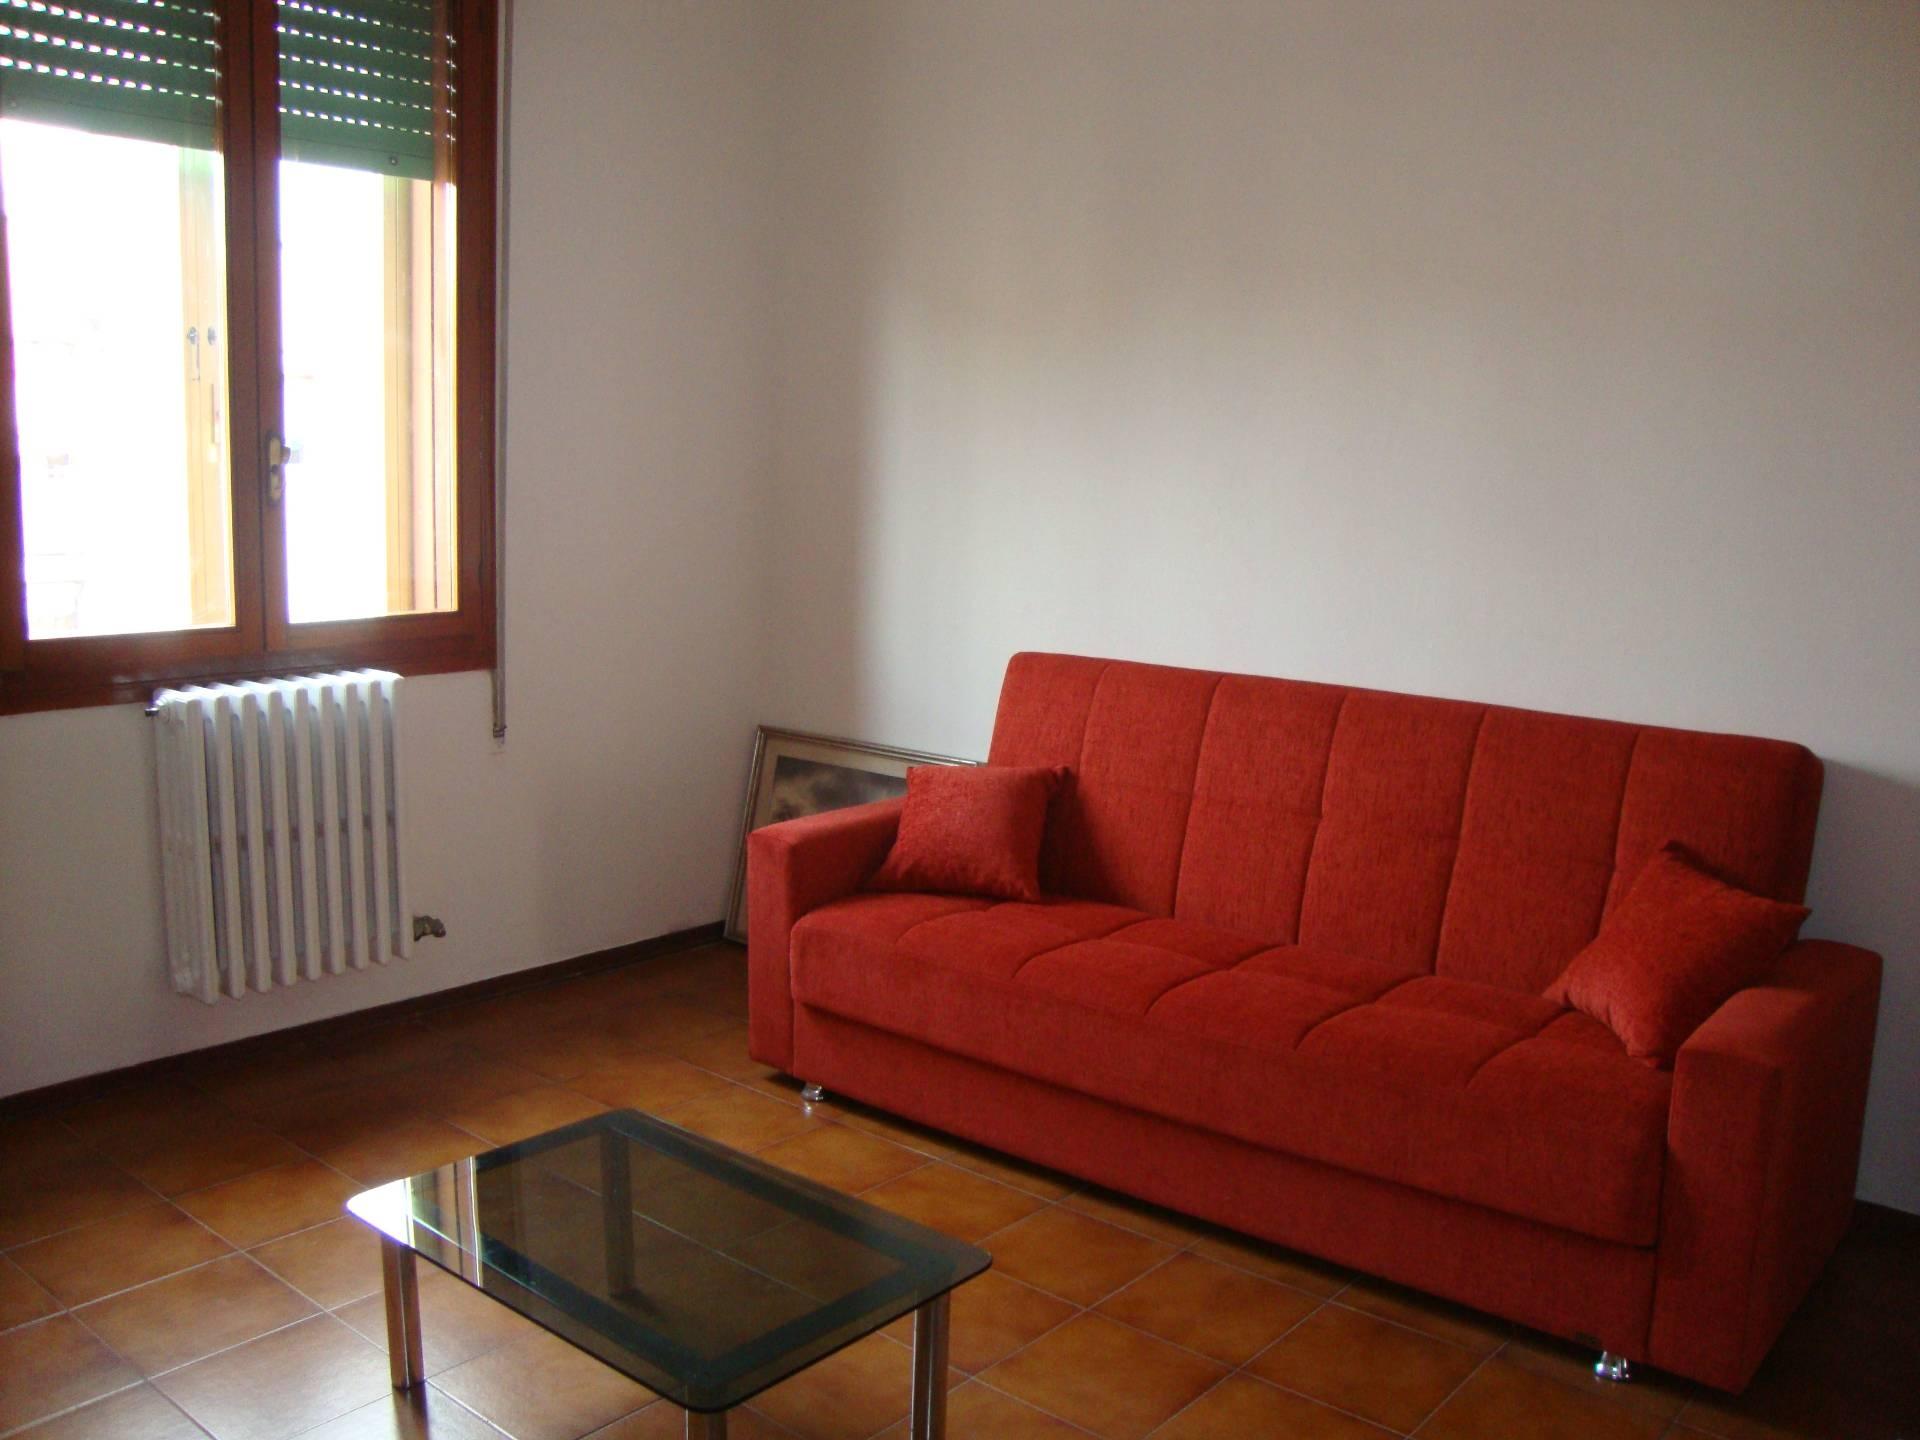 Appartamento in affitto a Ferrara, 3 locali, zona Località: FuoriMura-ZonaSud, prezzo € 600 | CambioCasa.it